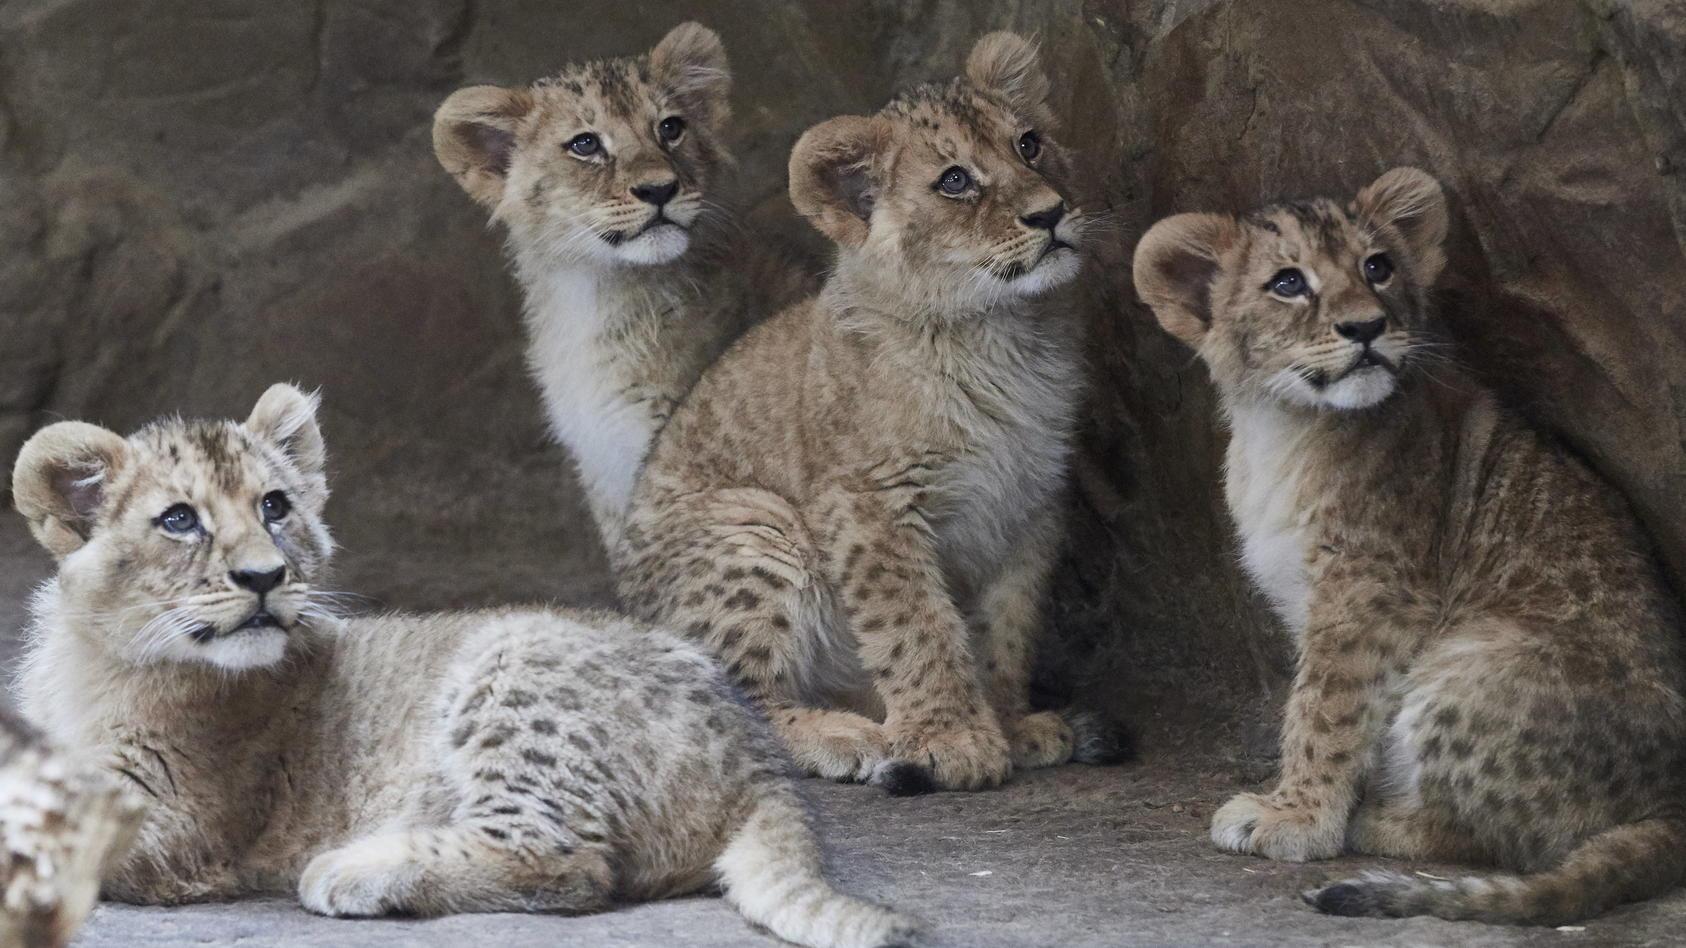 Löwenbabys in einem Zoo. (Symbolbild)